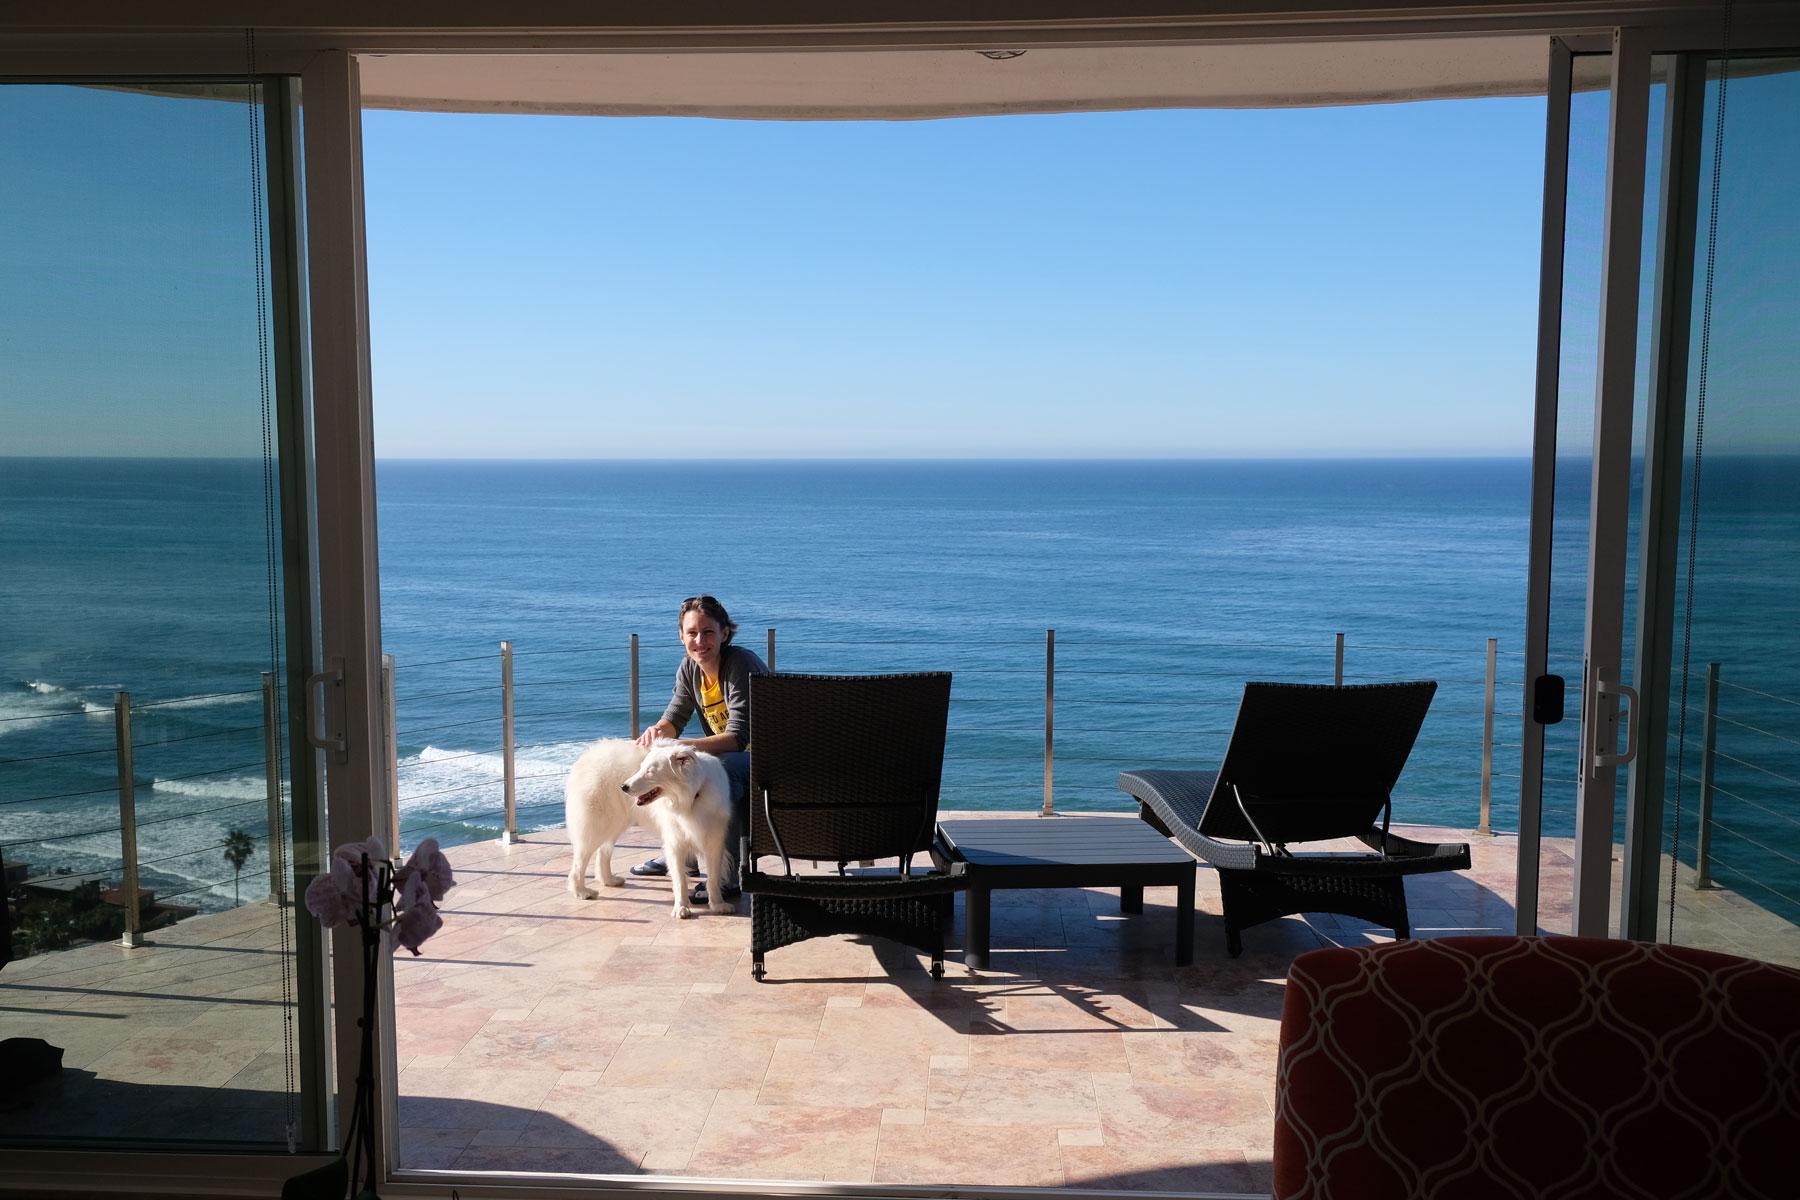 Leo sitzt mit Hund Bodhi auf der Terasse des House Sitting Hauses in Mexiko.